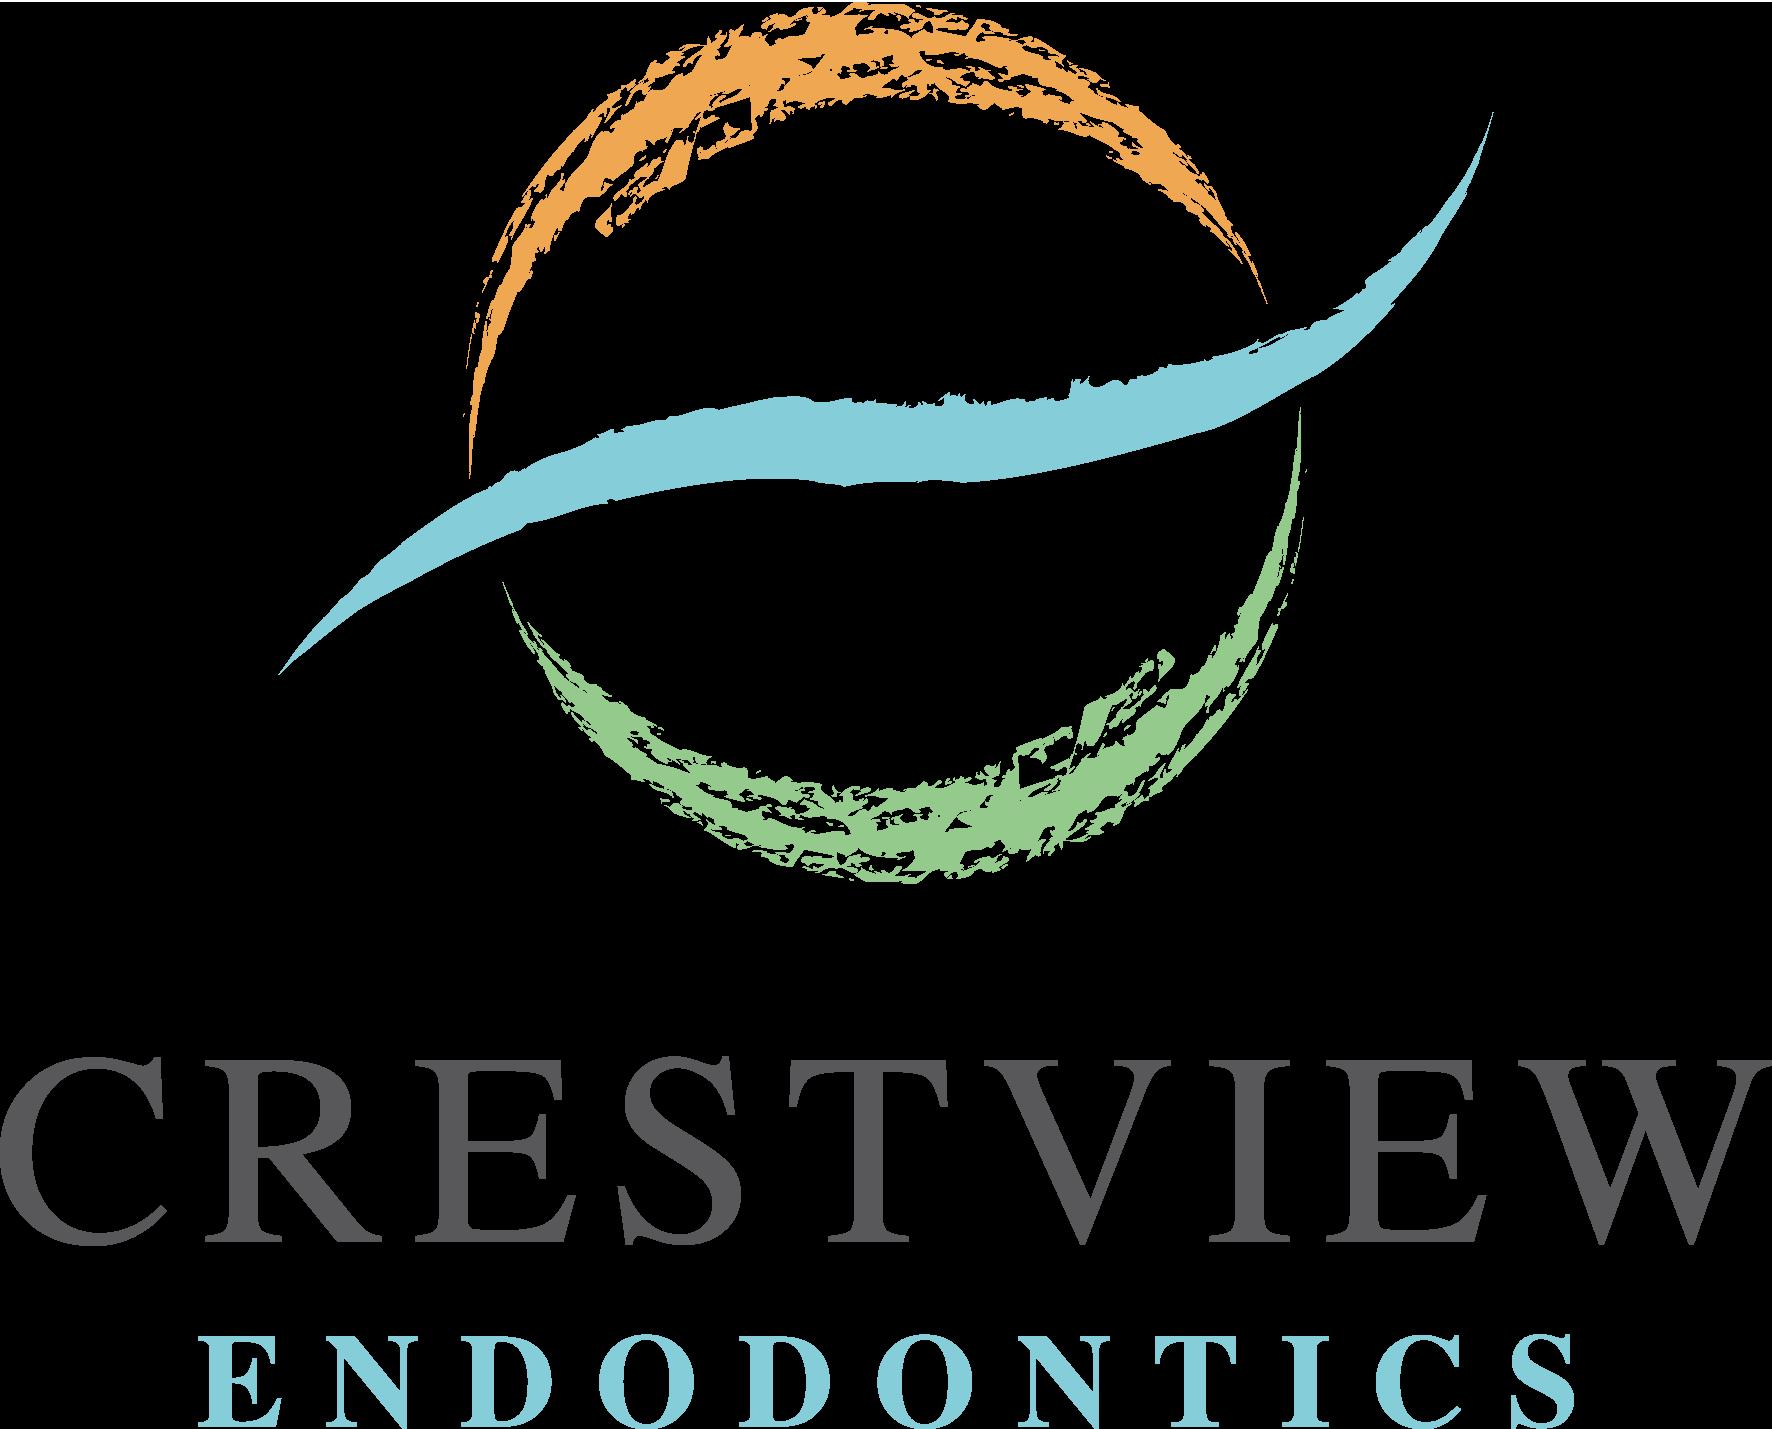 Crestview Endodontics logo